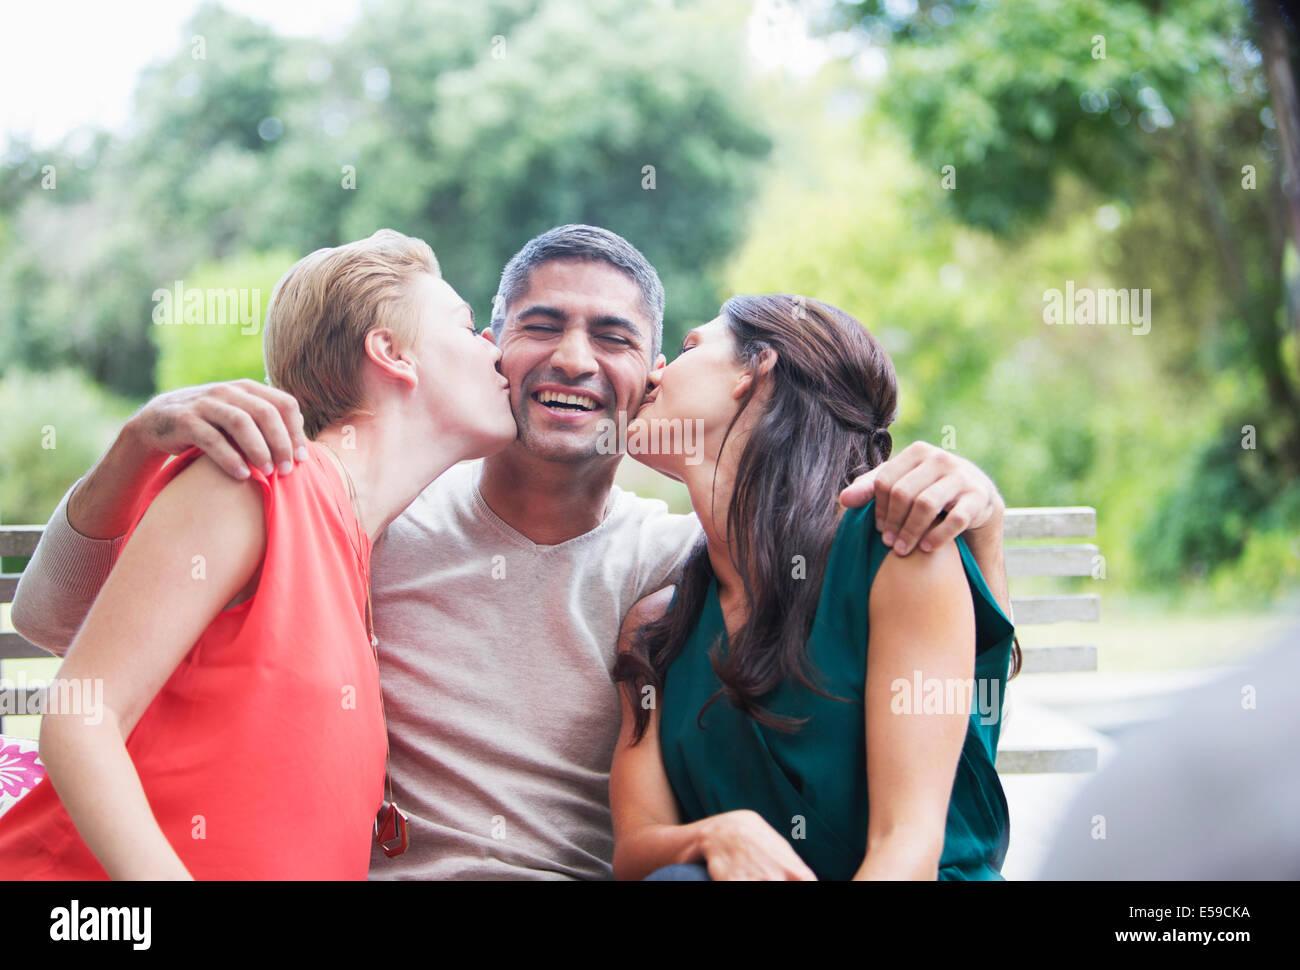 Les femmes s'embrasser les joues de l'homme à l'extérieur Photo Stock